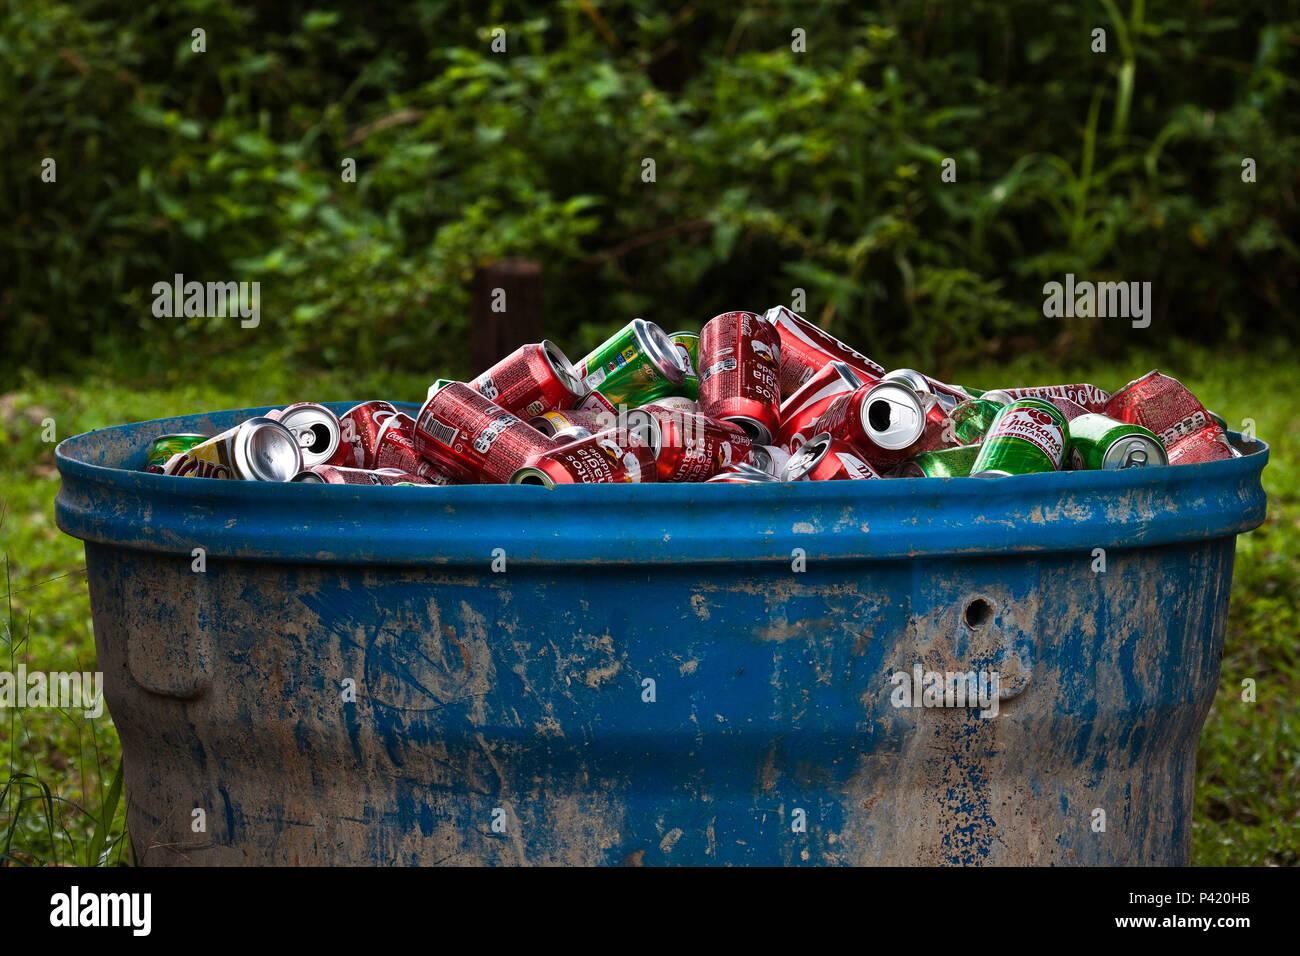 Aquidauana-dati MS 14/03/2011 seletiva Coleta de Latas Latas de refrigerantes ecerveja separação de materiale reciclável lixo reciclável Foto Stock